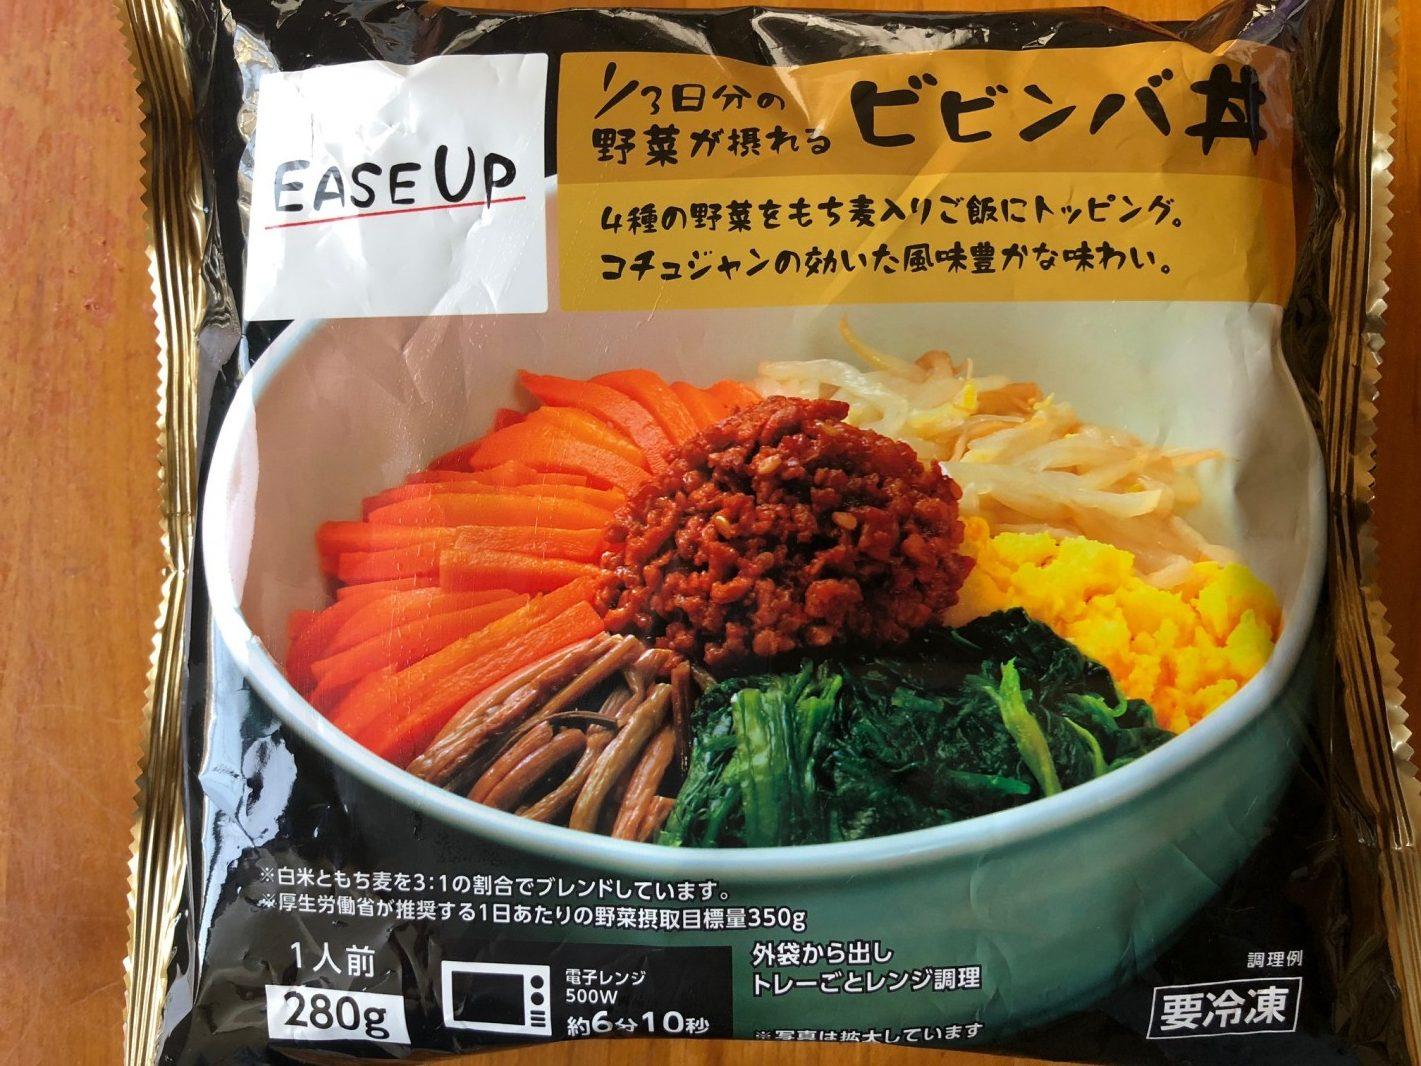 イトーヨーカドーの冷凍食品新PB『EASE UP』、直訳:簡単にできあがる 意訳:手間抜き